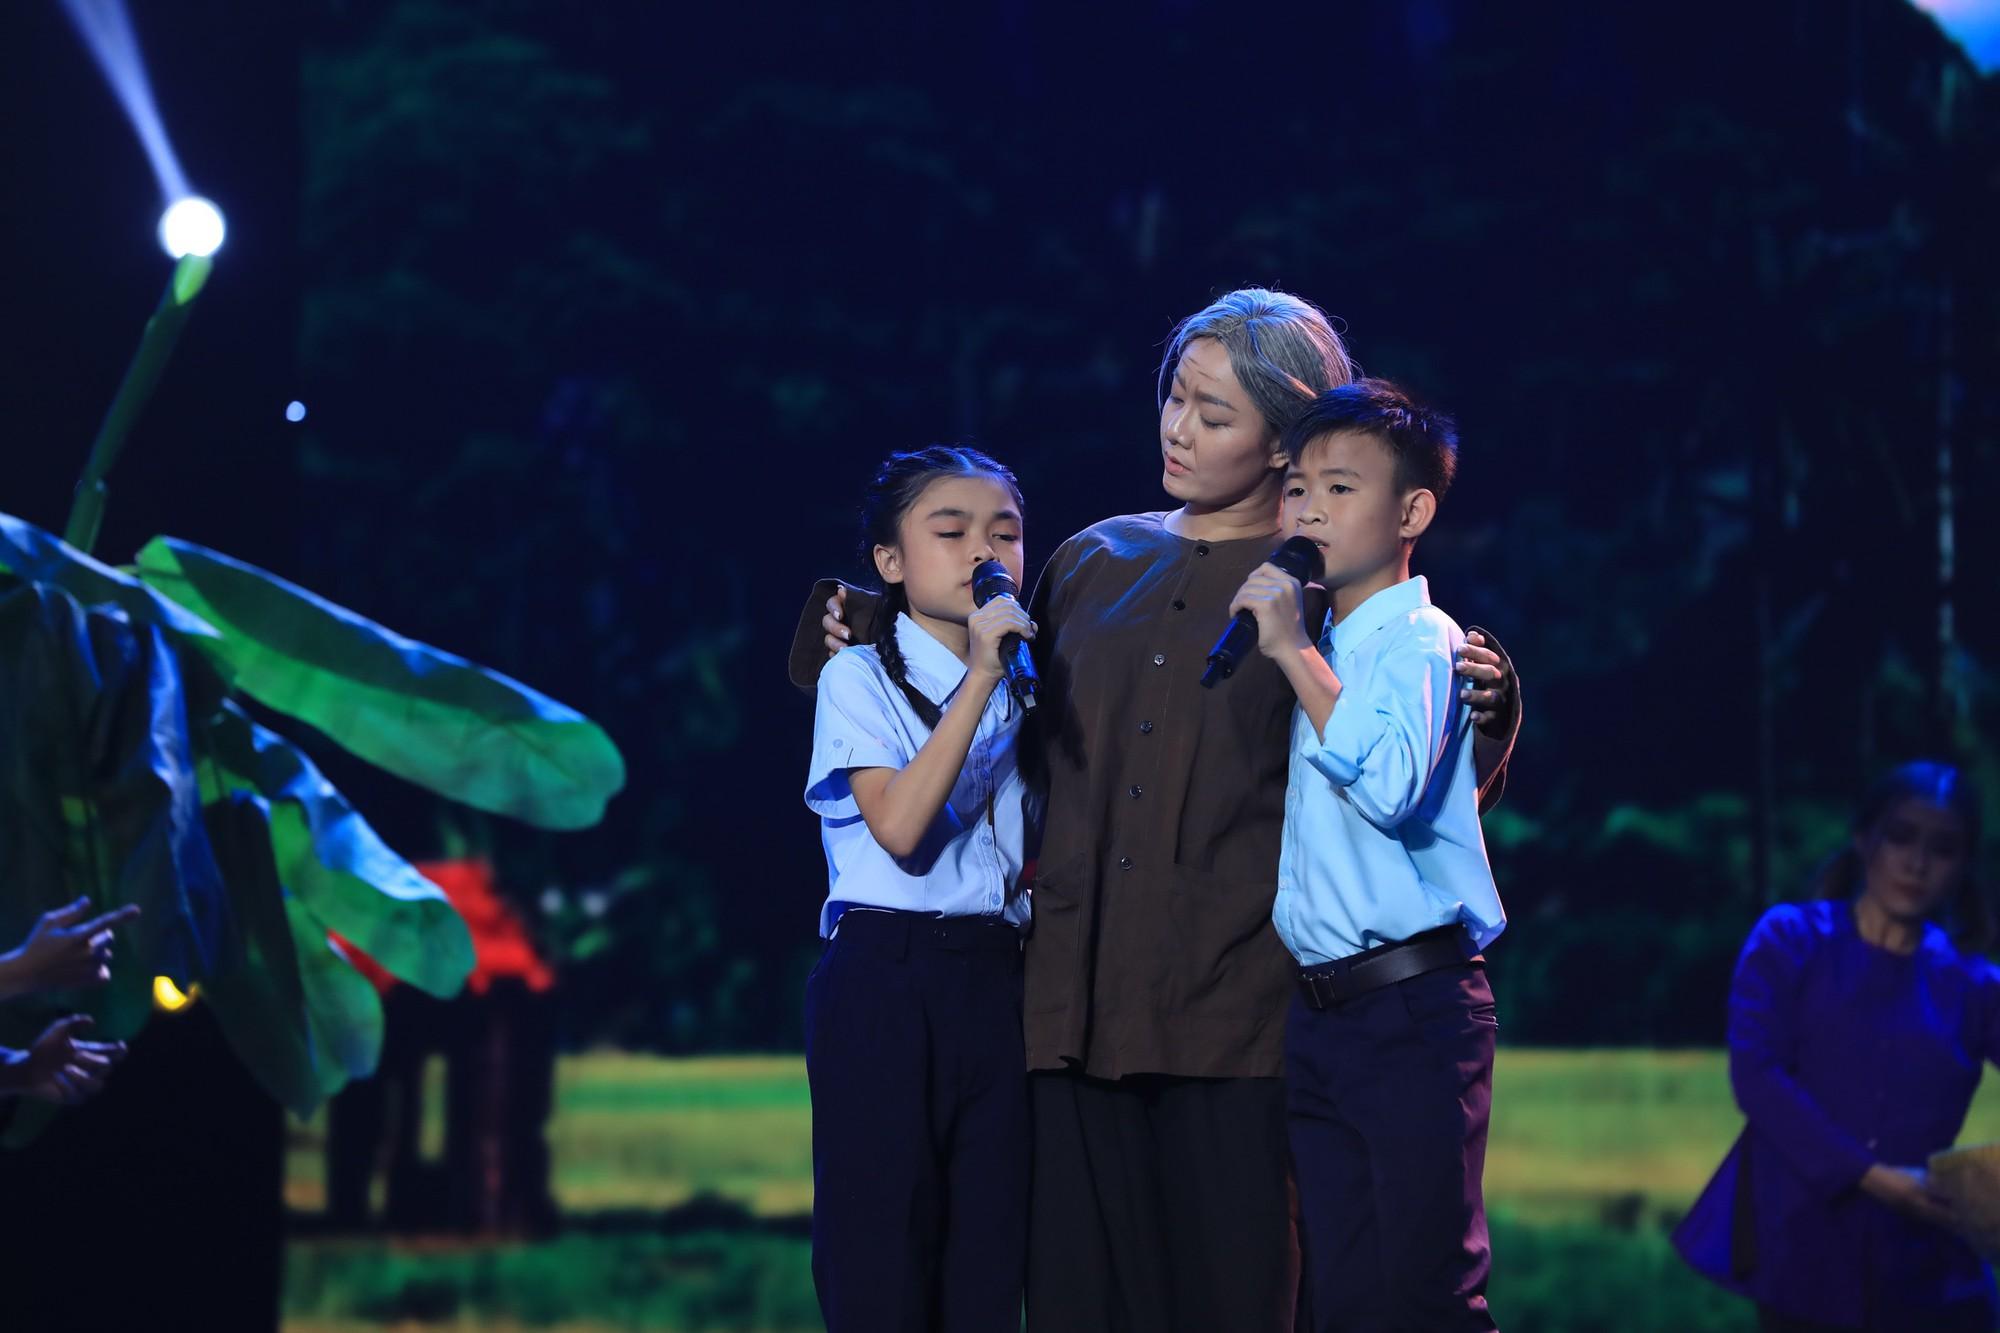 Bị gắn mác ca sĩ hội chợ, Hồ Việt Trung vẫn đưa học trò đăng quang quán quân Tuyệt đỉnh song ca nhí - Ảnh 2.